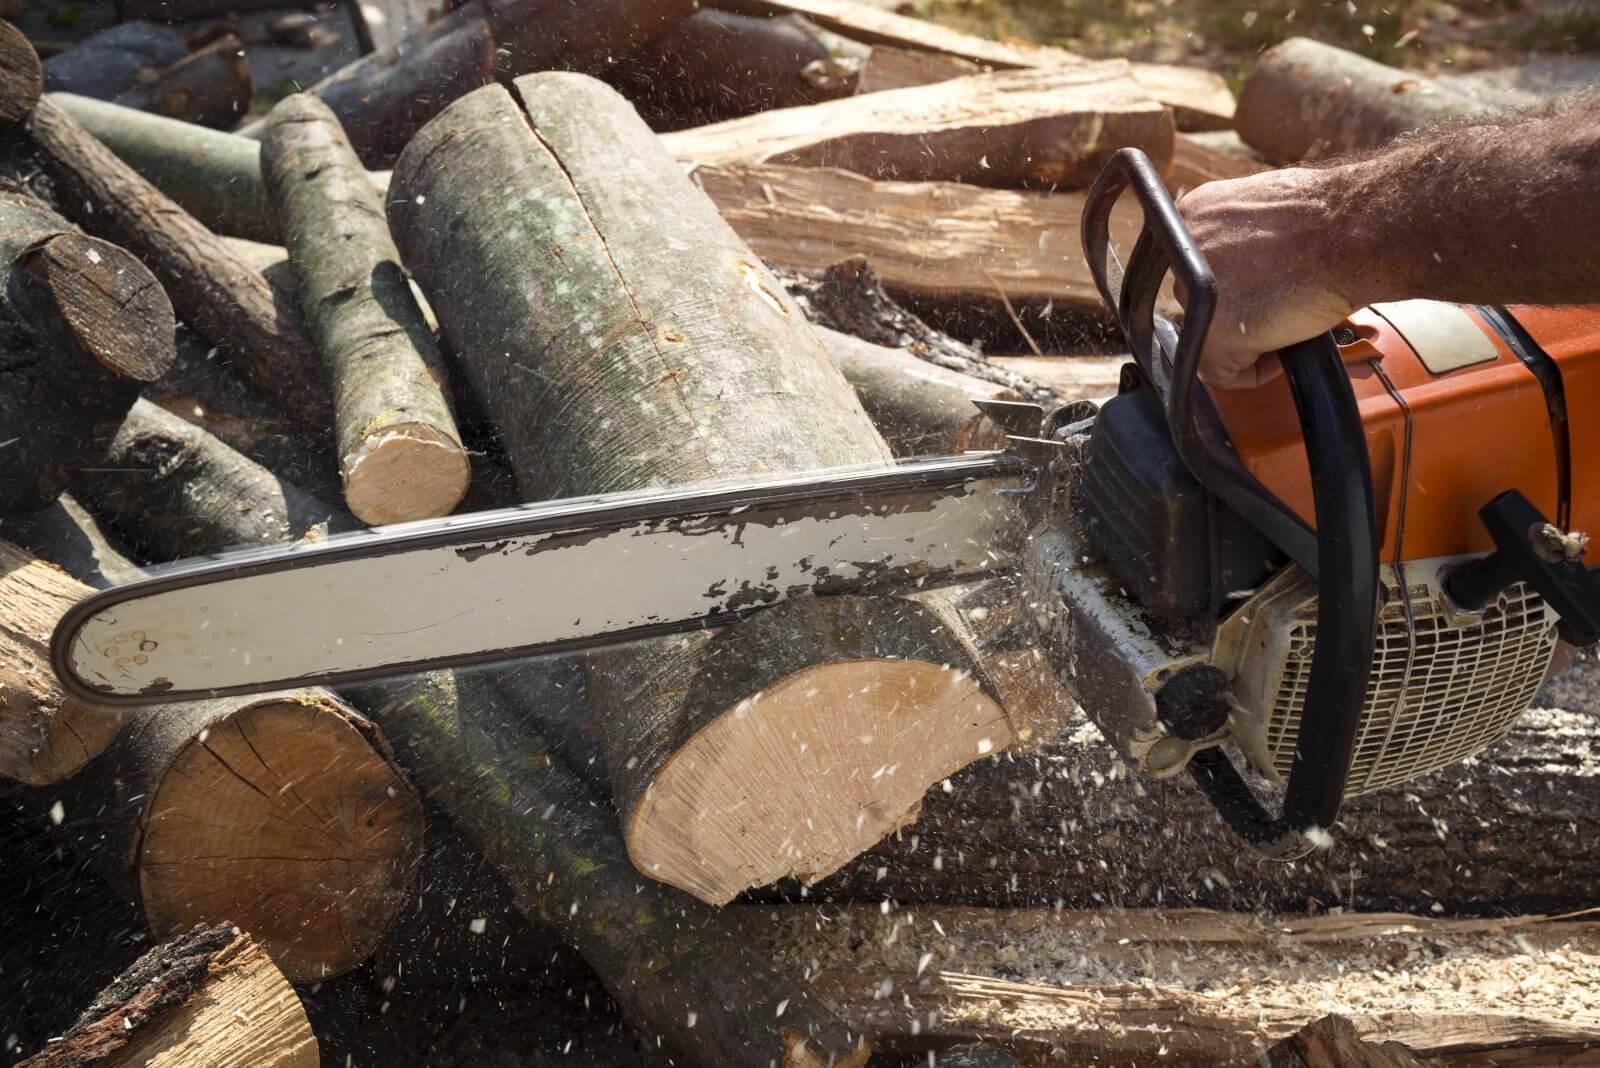 Tronçonneuse découpant un arbre et causant une nuisance sonore pour le voisinage